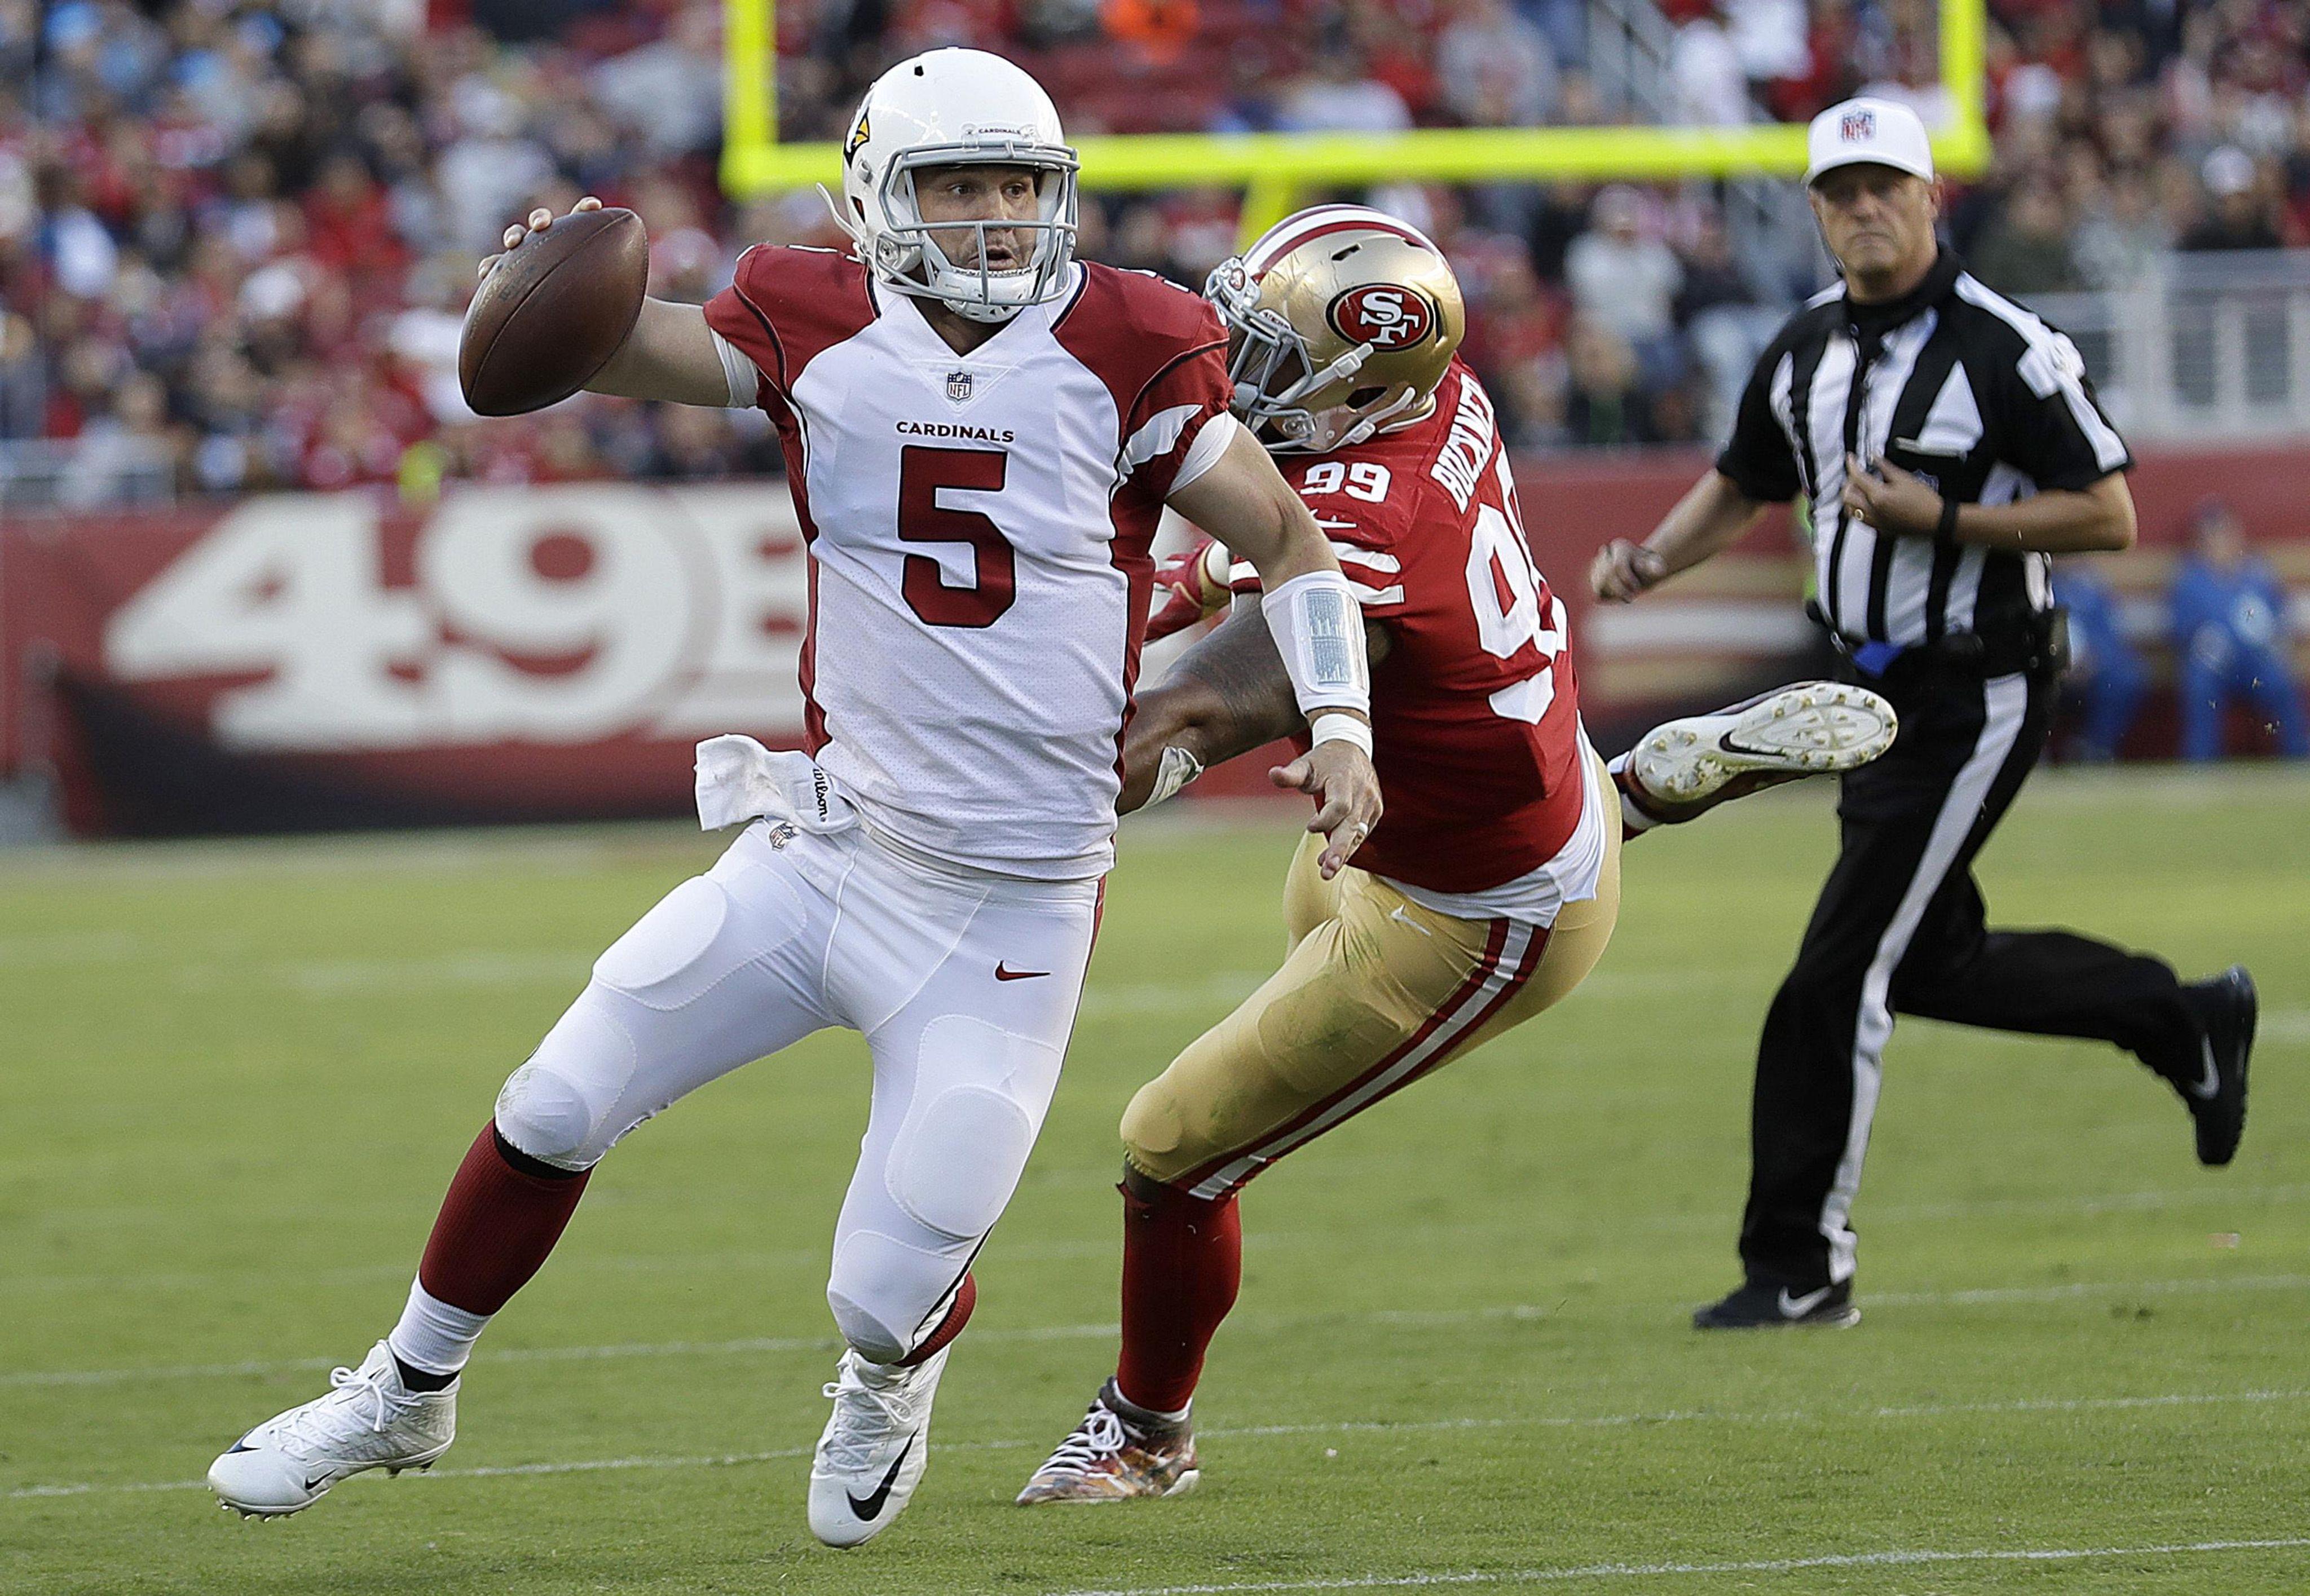 Cardinals_49ers_football_78537_s4096x2830